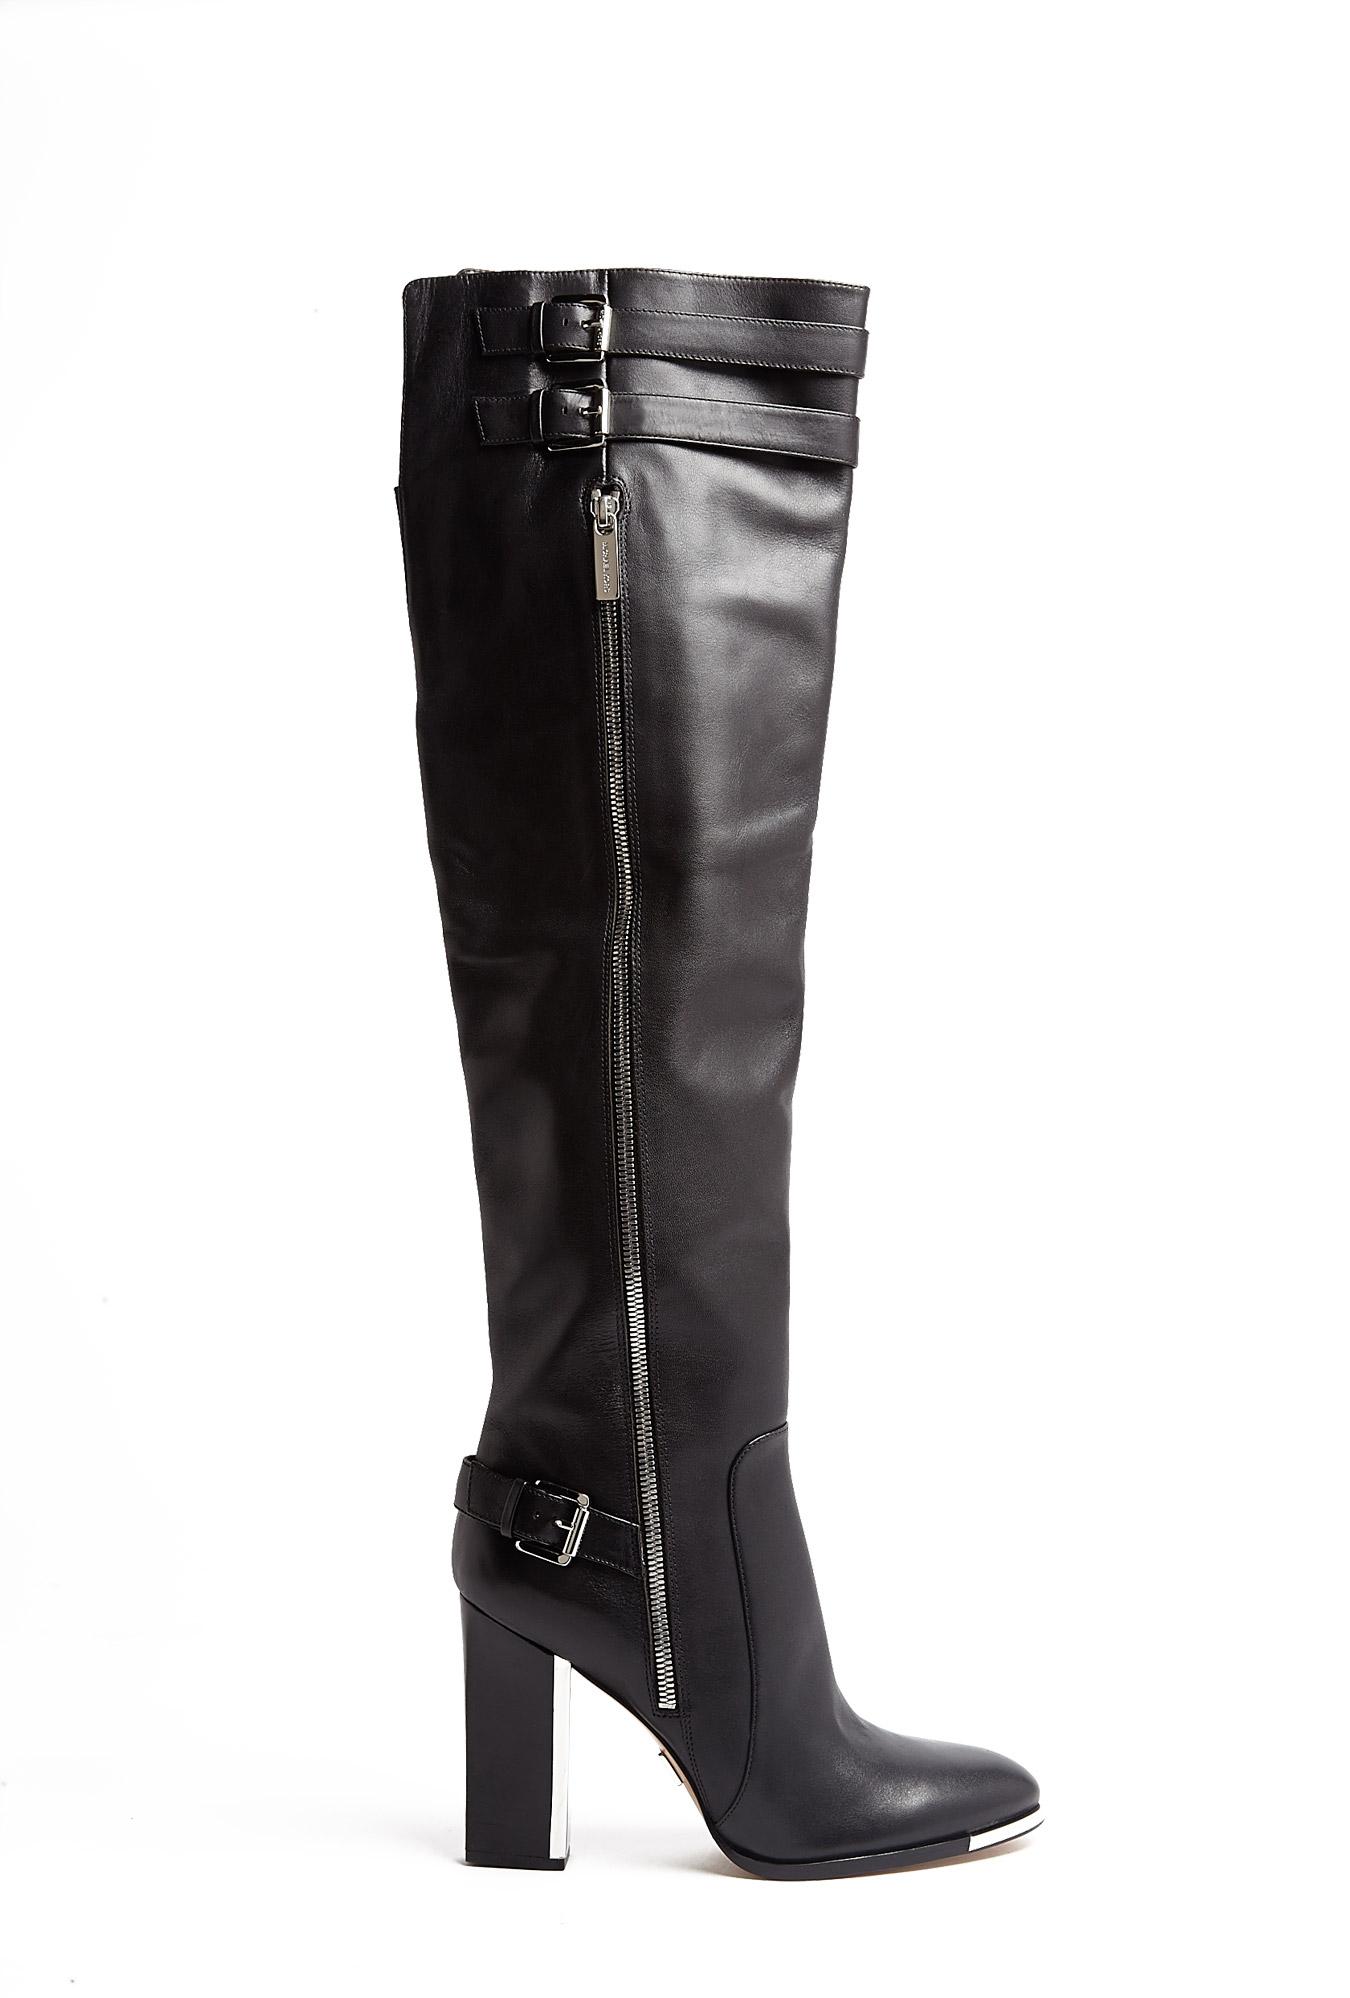 michael kors jayla metal heel buckle knee high boots in